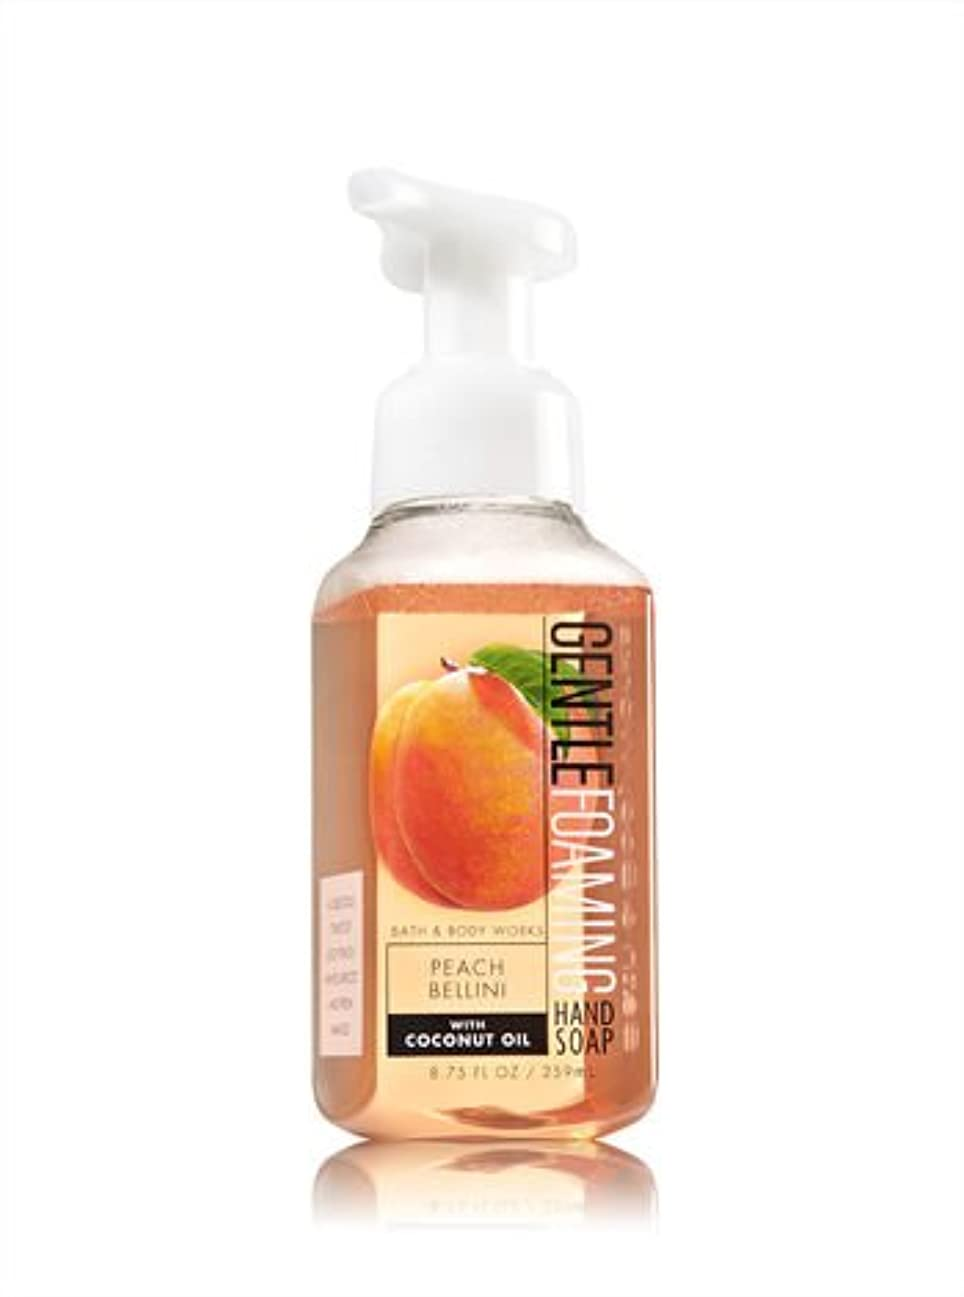 ディプロママイナス放射するバス&ボディワークス ピーチベリーニ ジェントル フォーミング ハンドソープ Peach Bellini Gentle Foaming Hand Soap [並行輸入品]